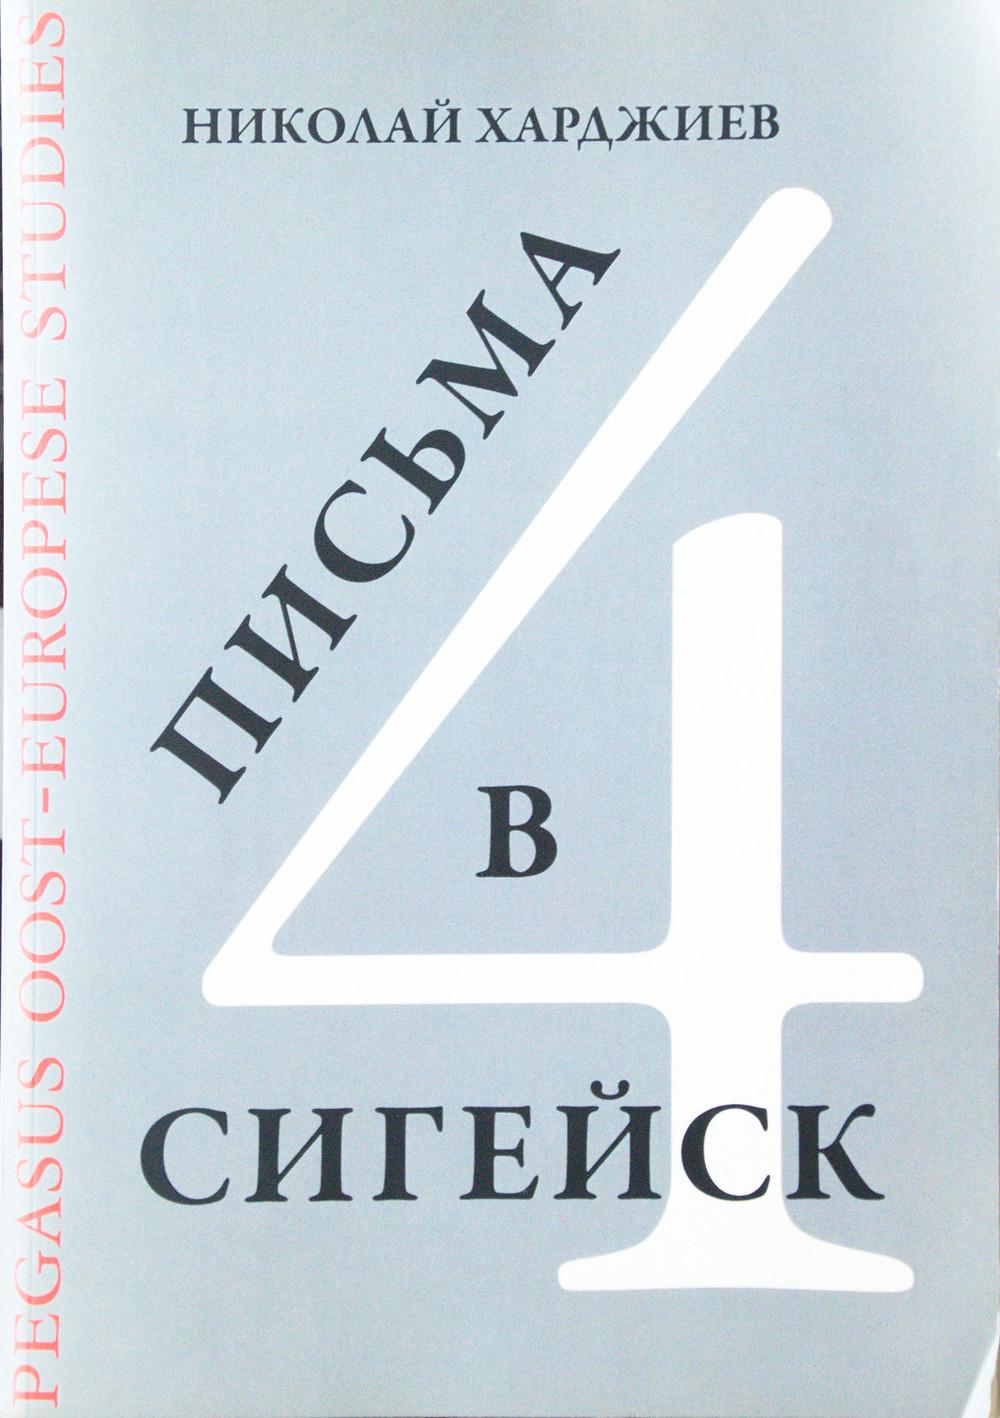 Письма В Сигейск, by Nikolaj Khardzhiev